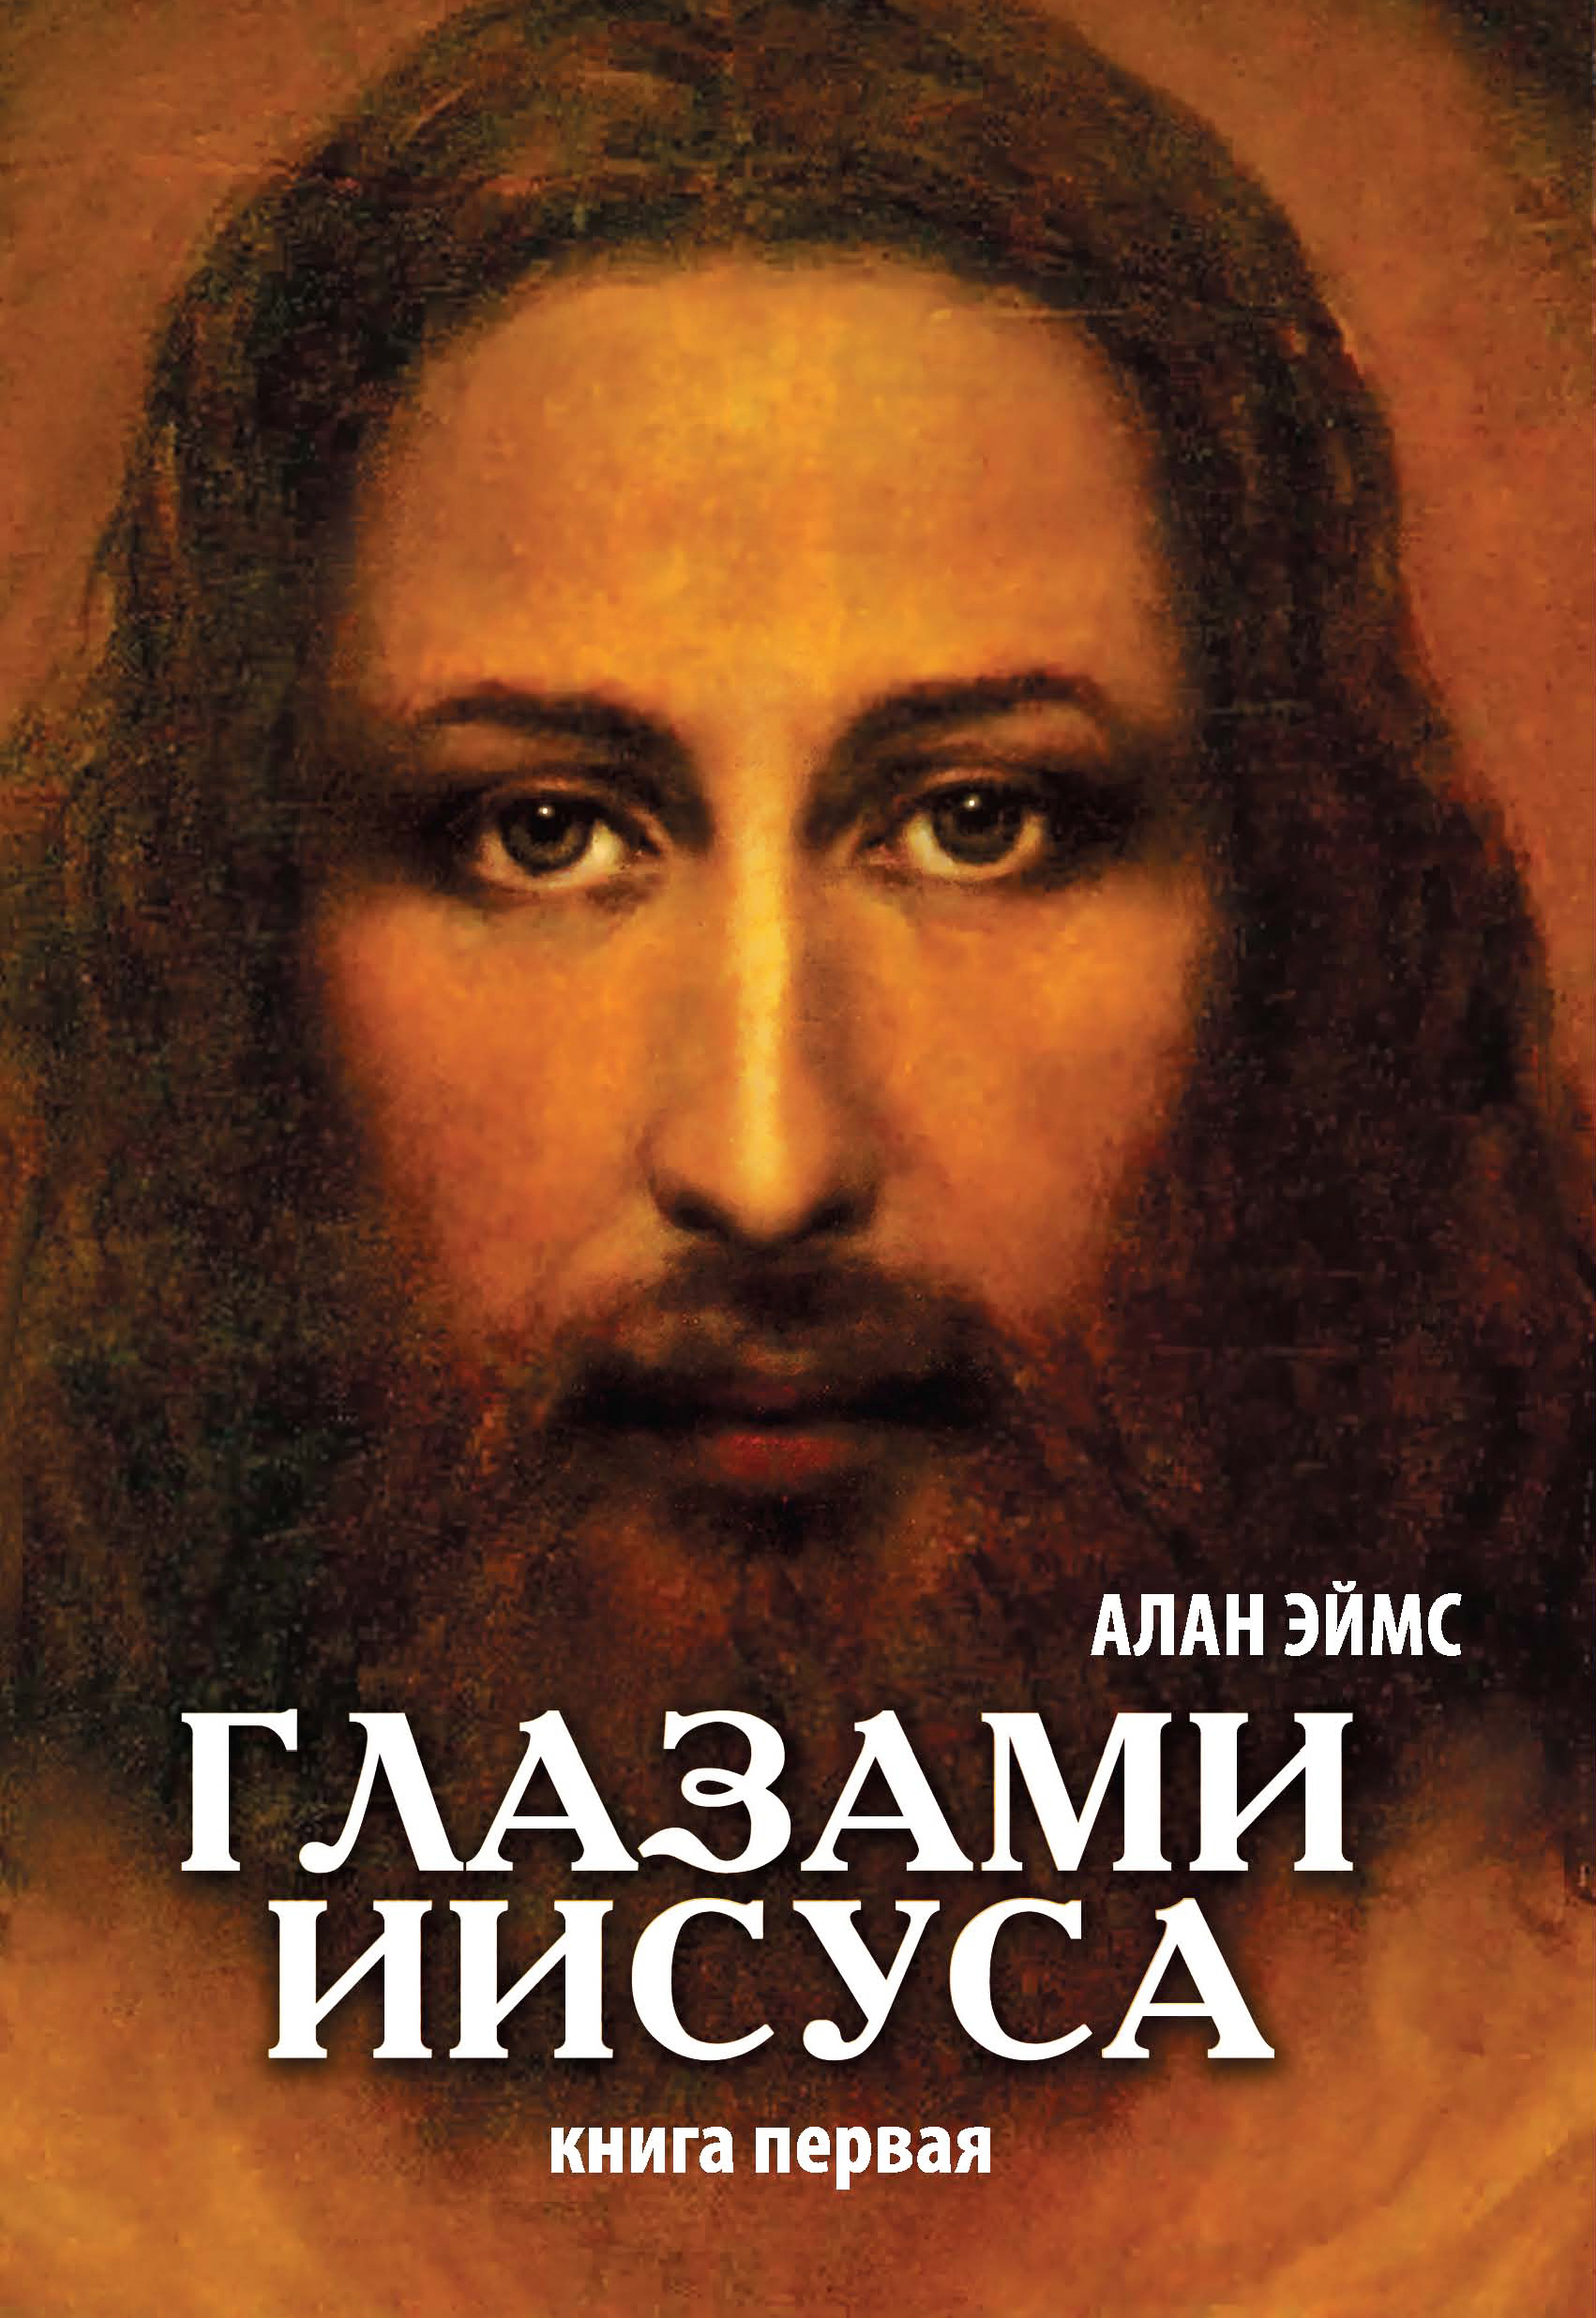 Апокрифические послания. Глазами Иисуса. Книга первая. 2-е изд